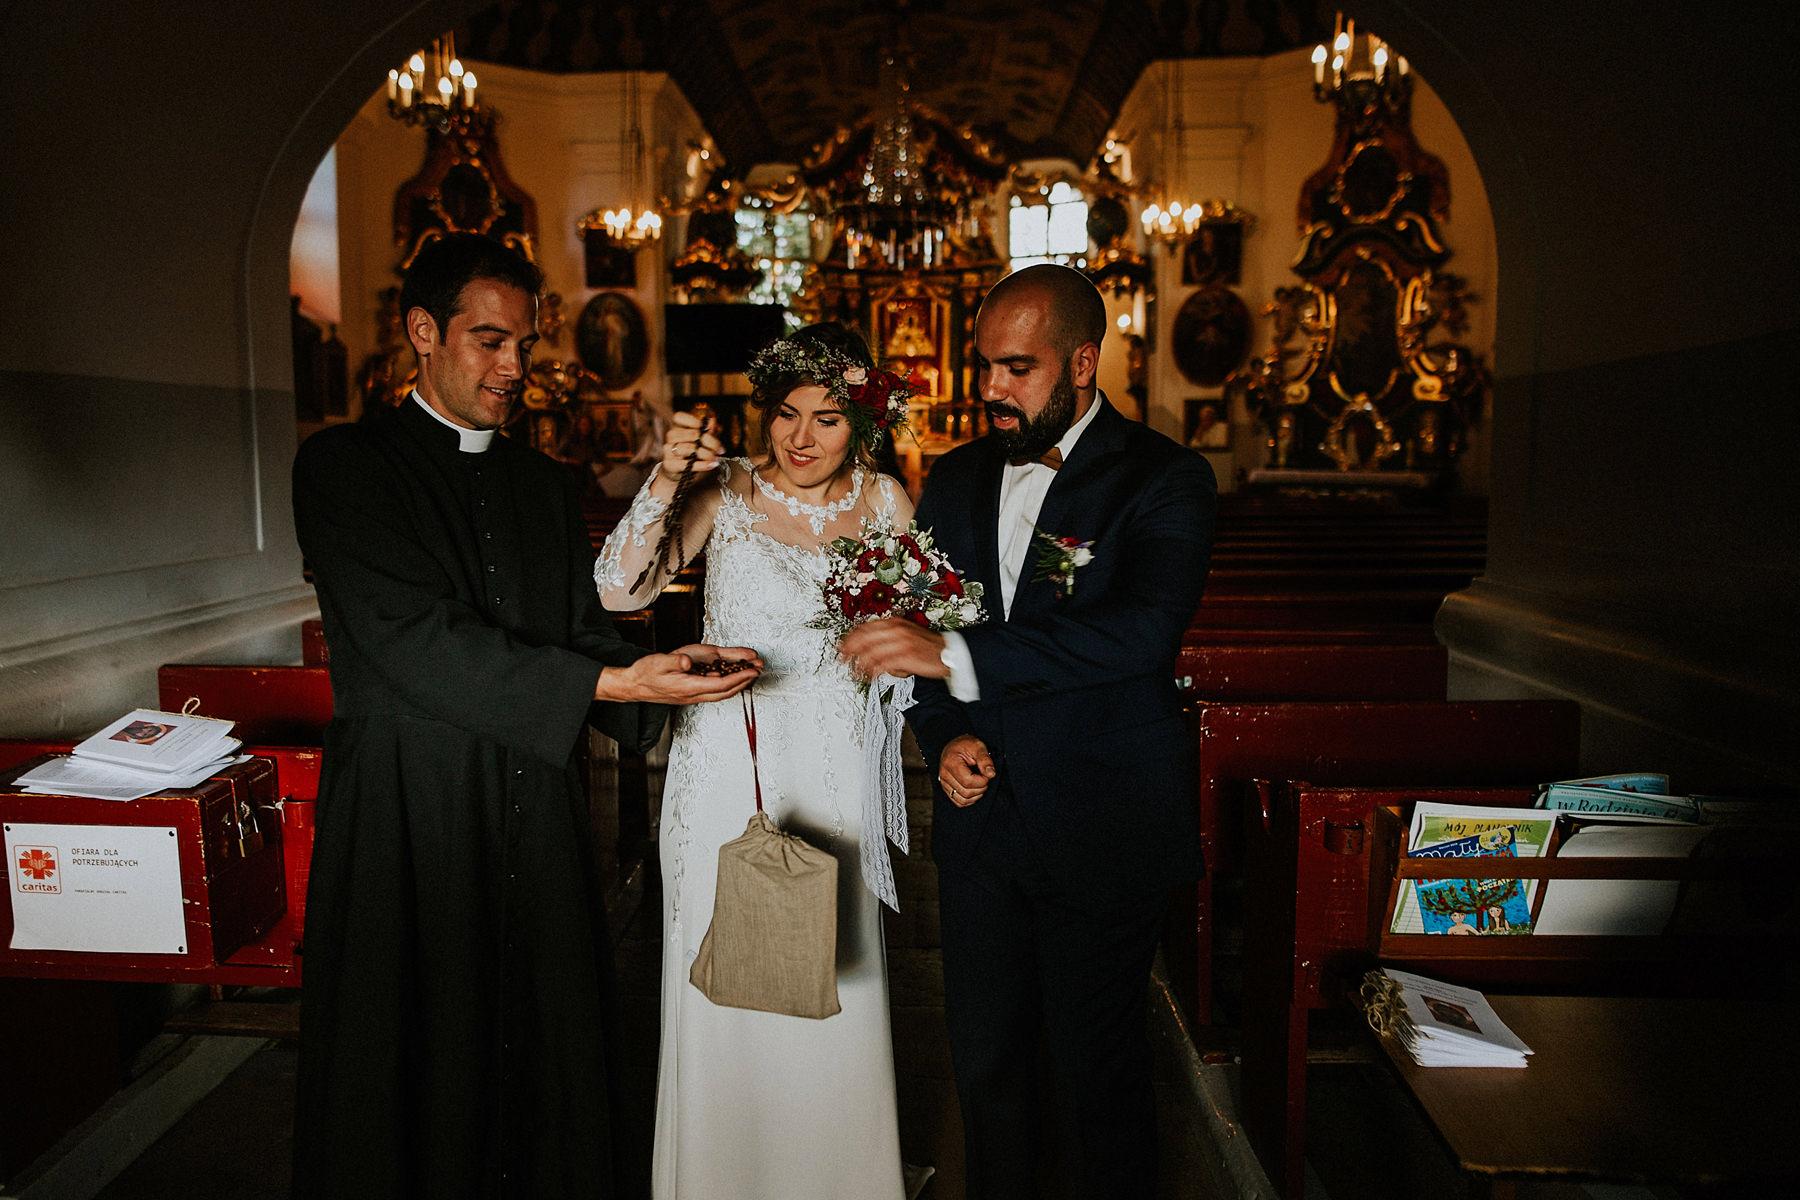 059 Kaszuby Francuski Polish French Wedding Slub Plenerowy Fotograf